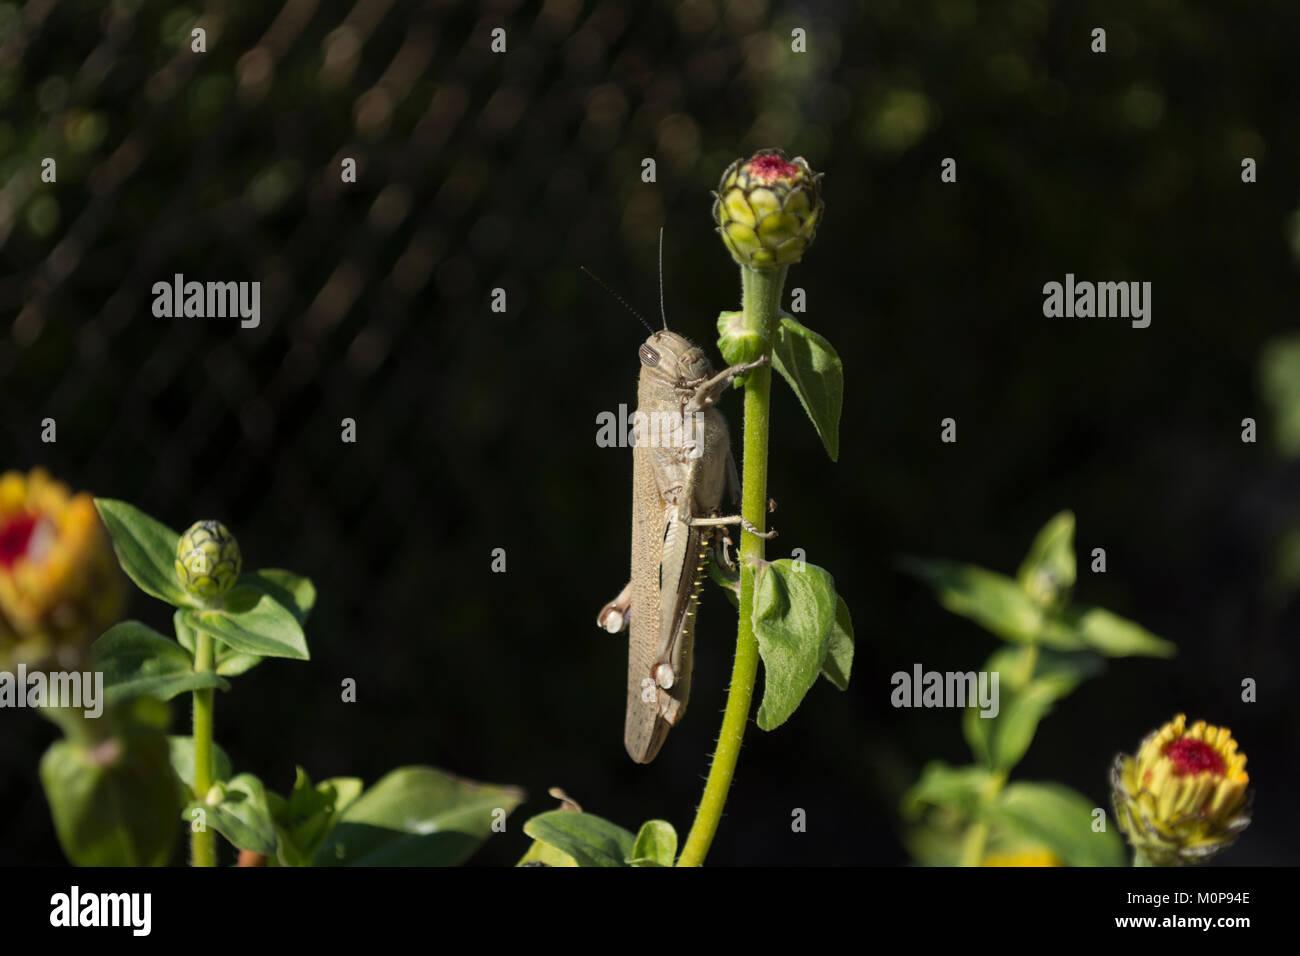 Ägyptische Heuschrecke auf zinnia Stamm mit einem schwarzen Hintergrund Stockfoto